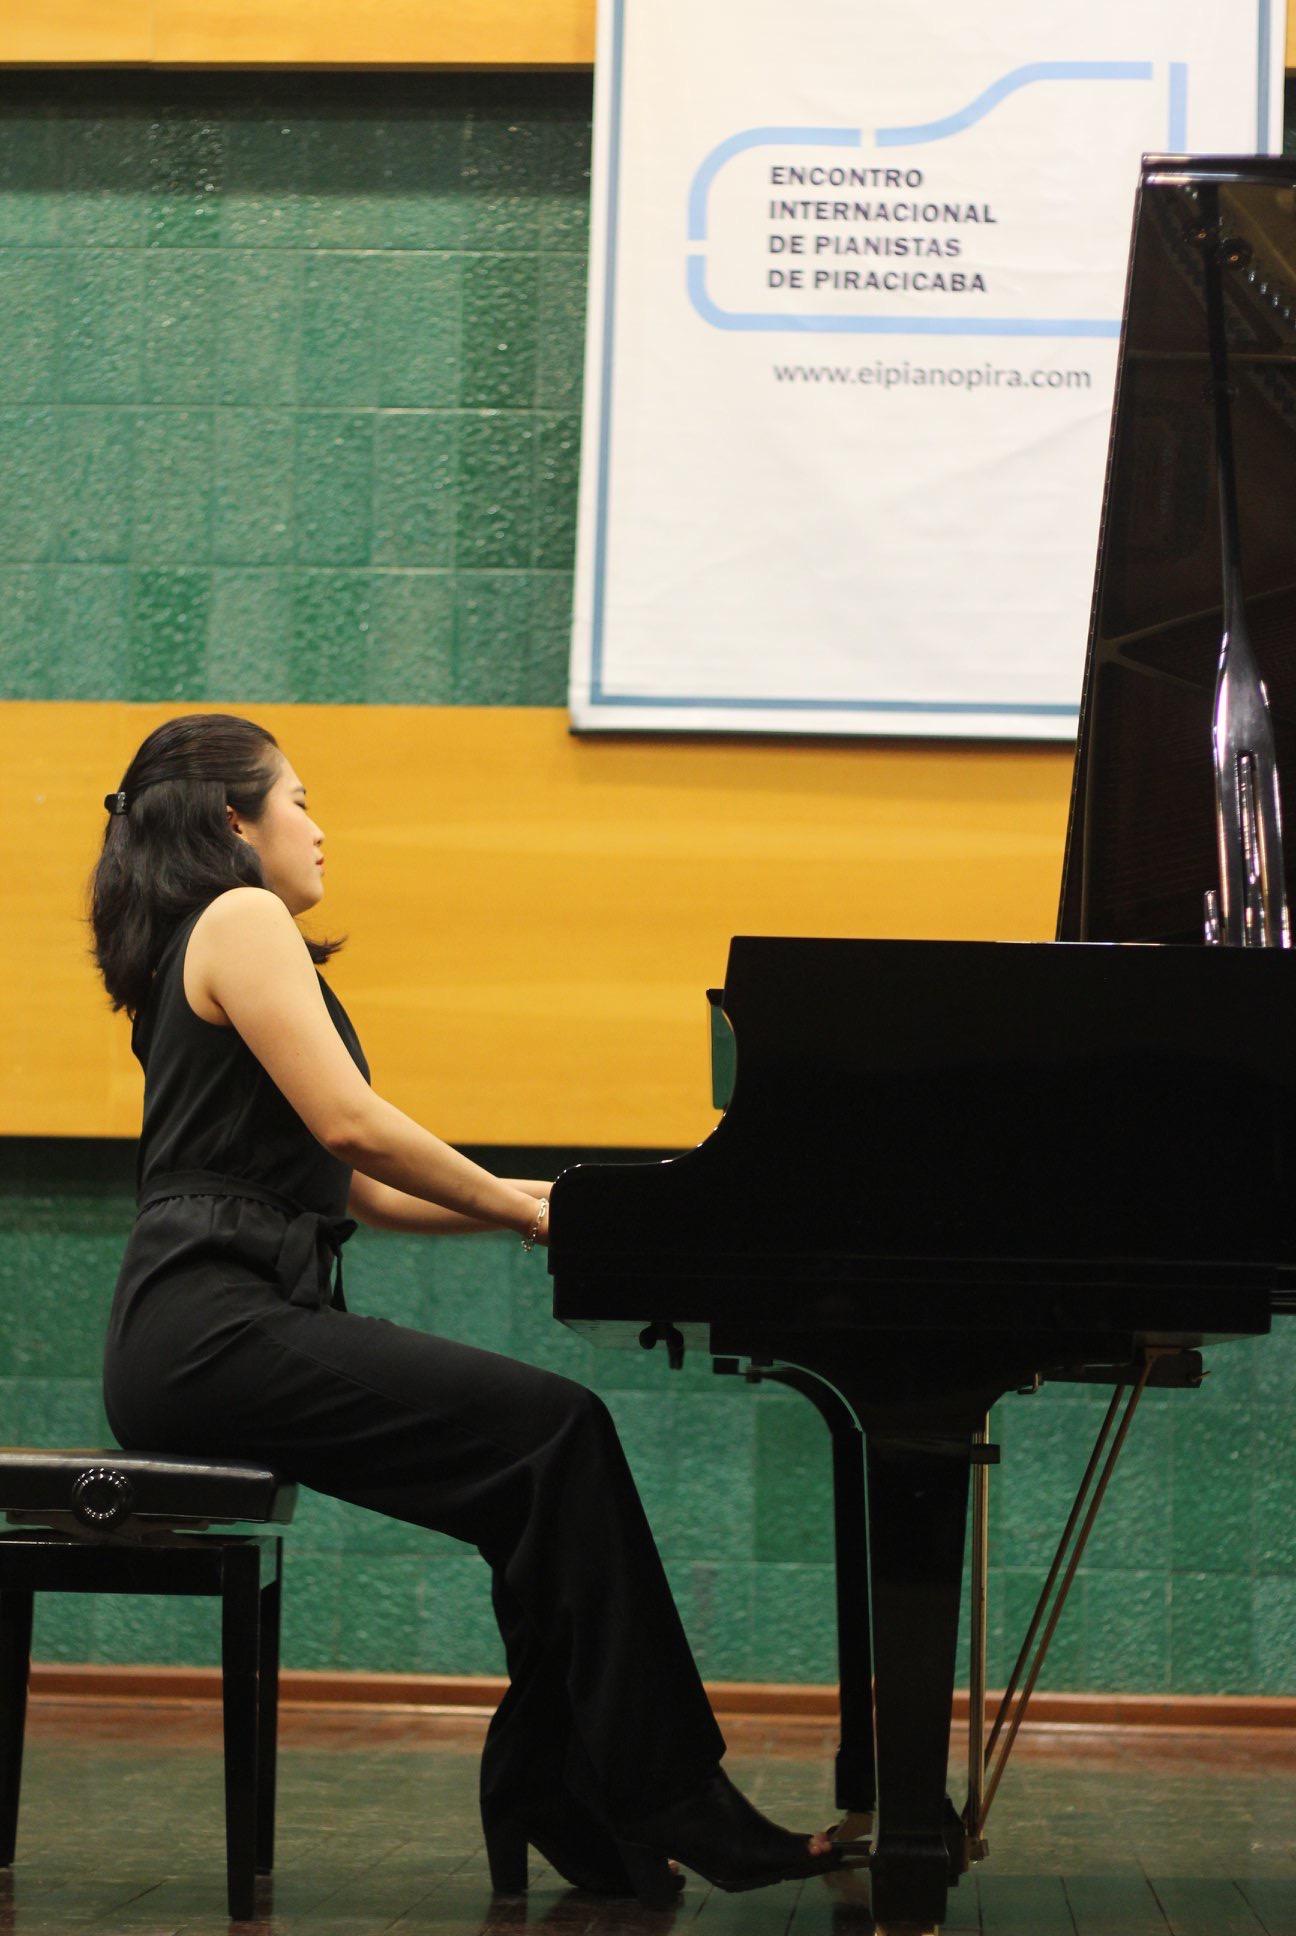 Escola de Música de Piracicaba (Piracicaba, Brazil)